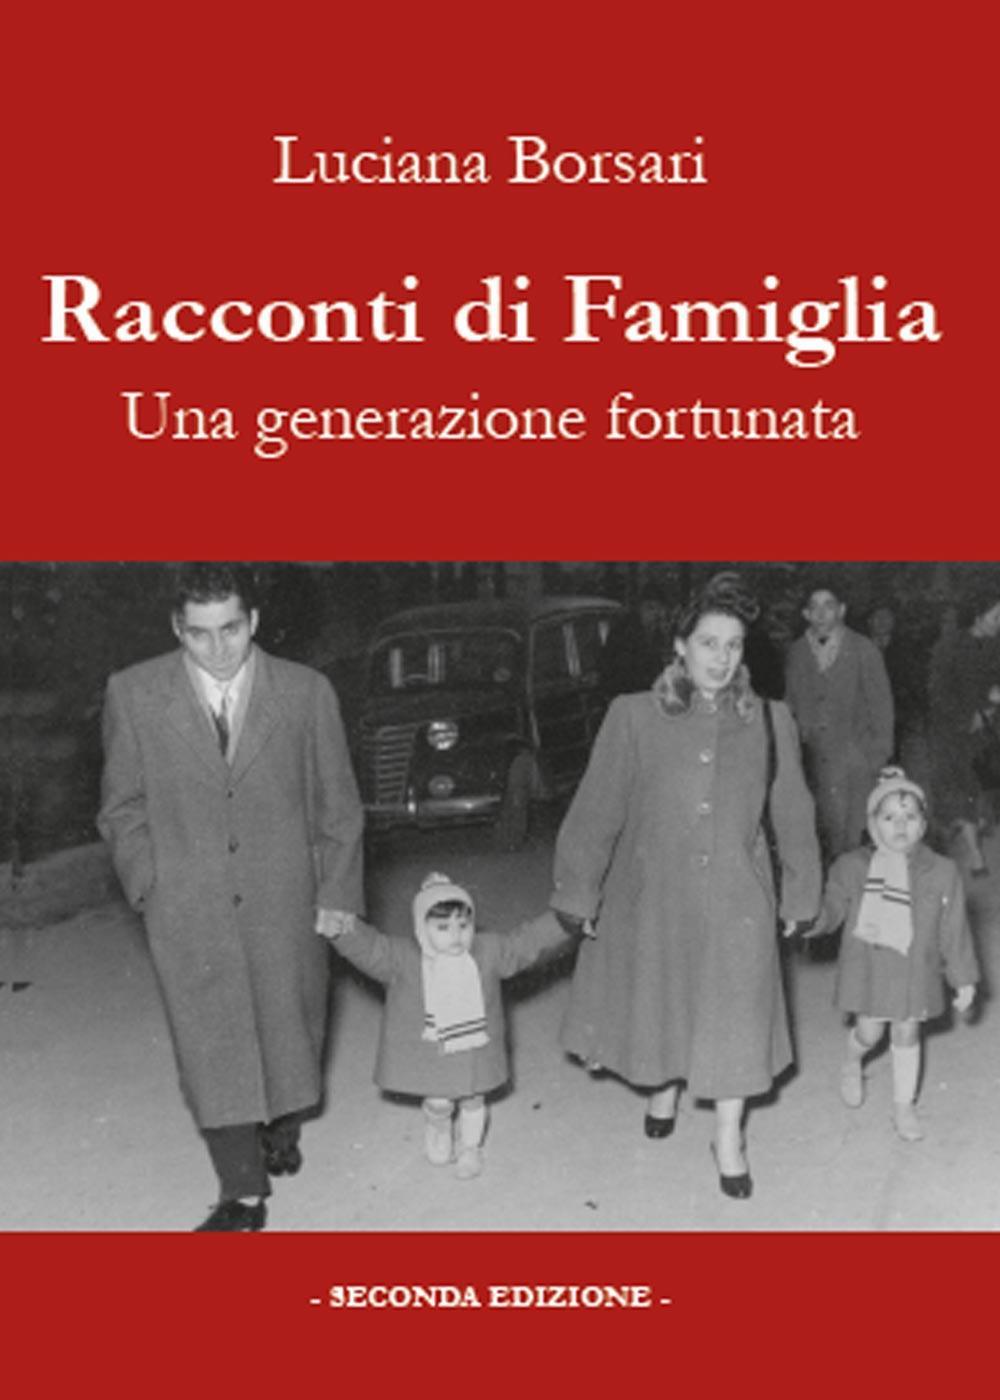 Racconti di famiglia - Una generazione fortunata